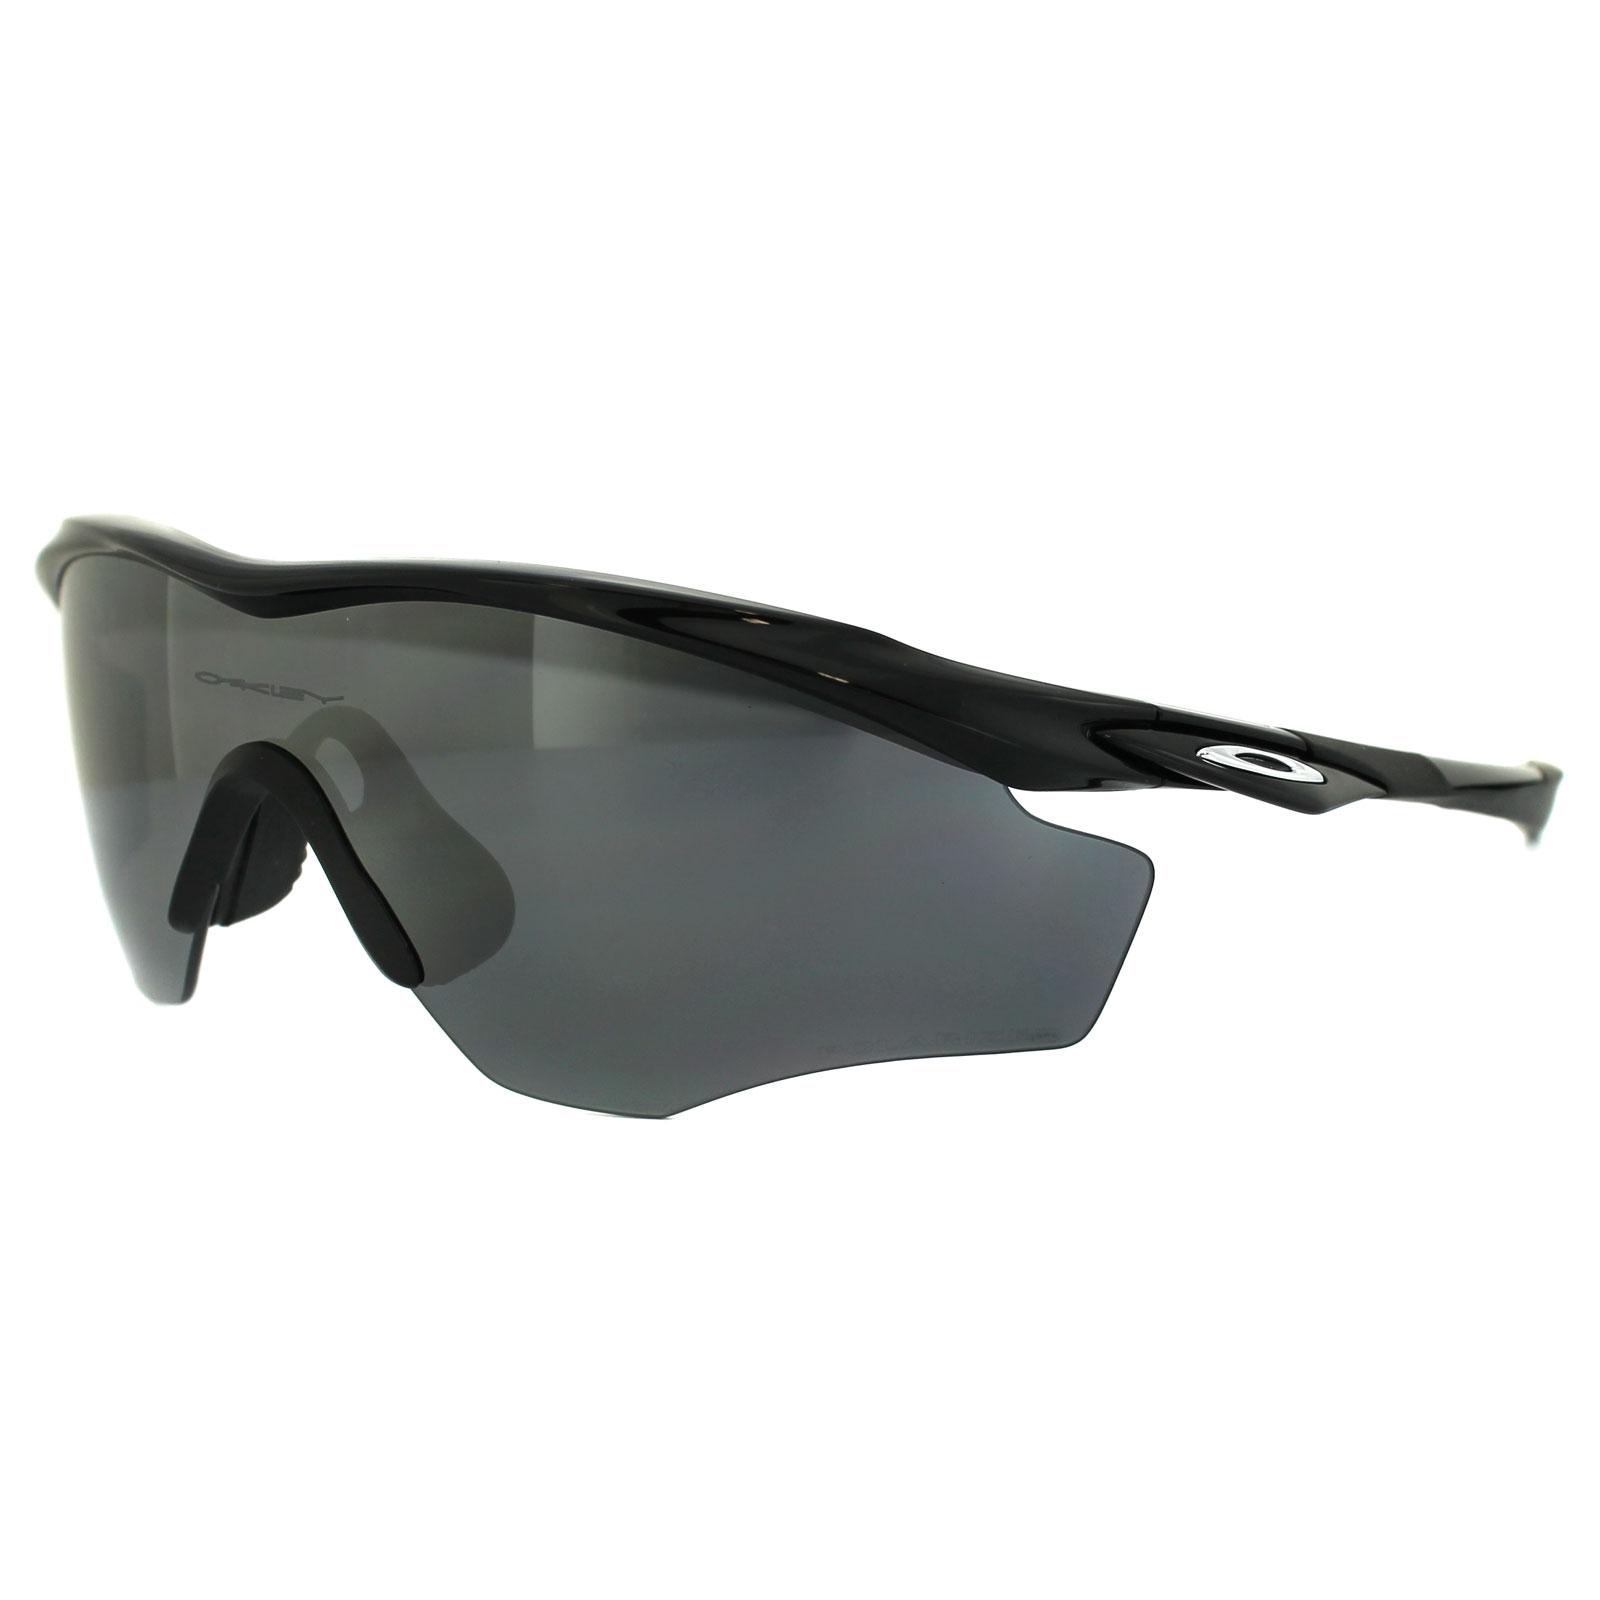 0e968c630f Buy Oakley Sunglasses Military Discount « Heritage Malta